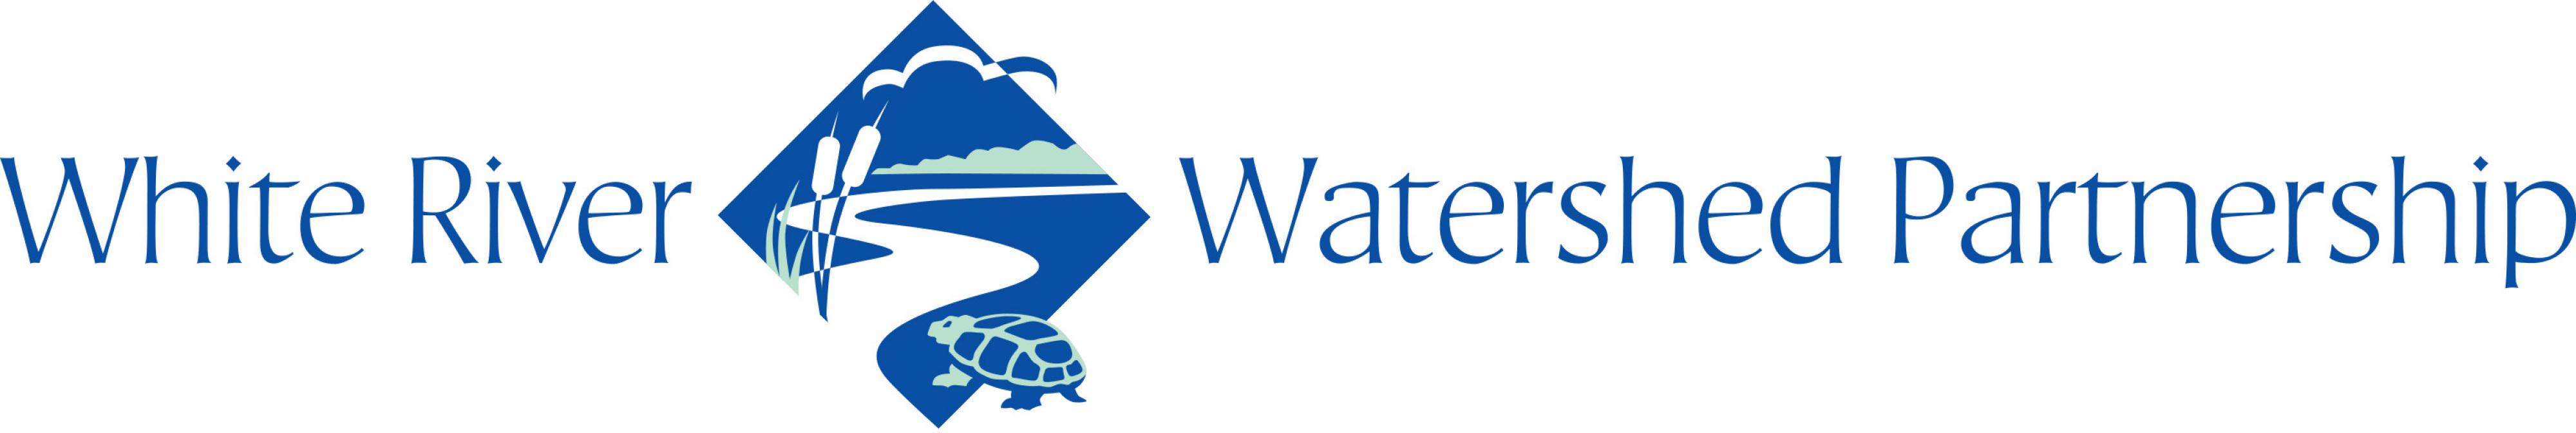 WRWP logo wide